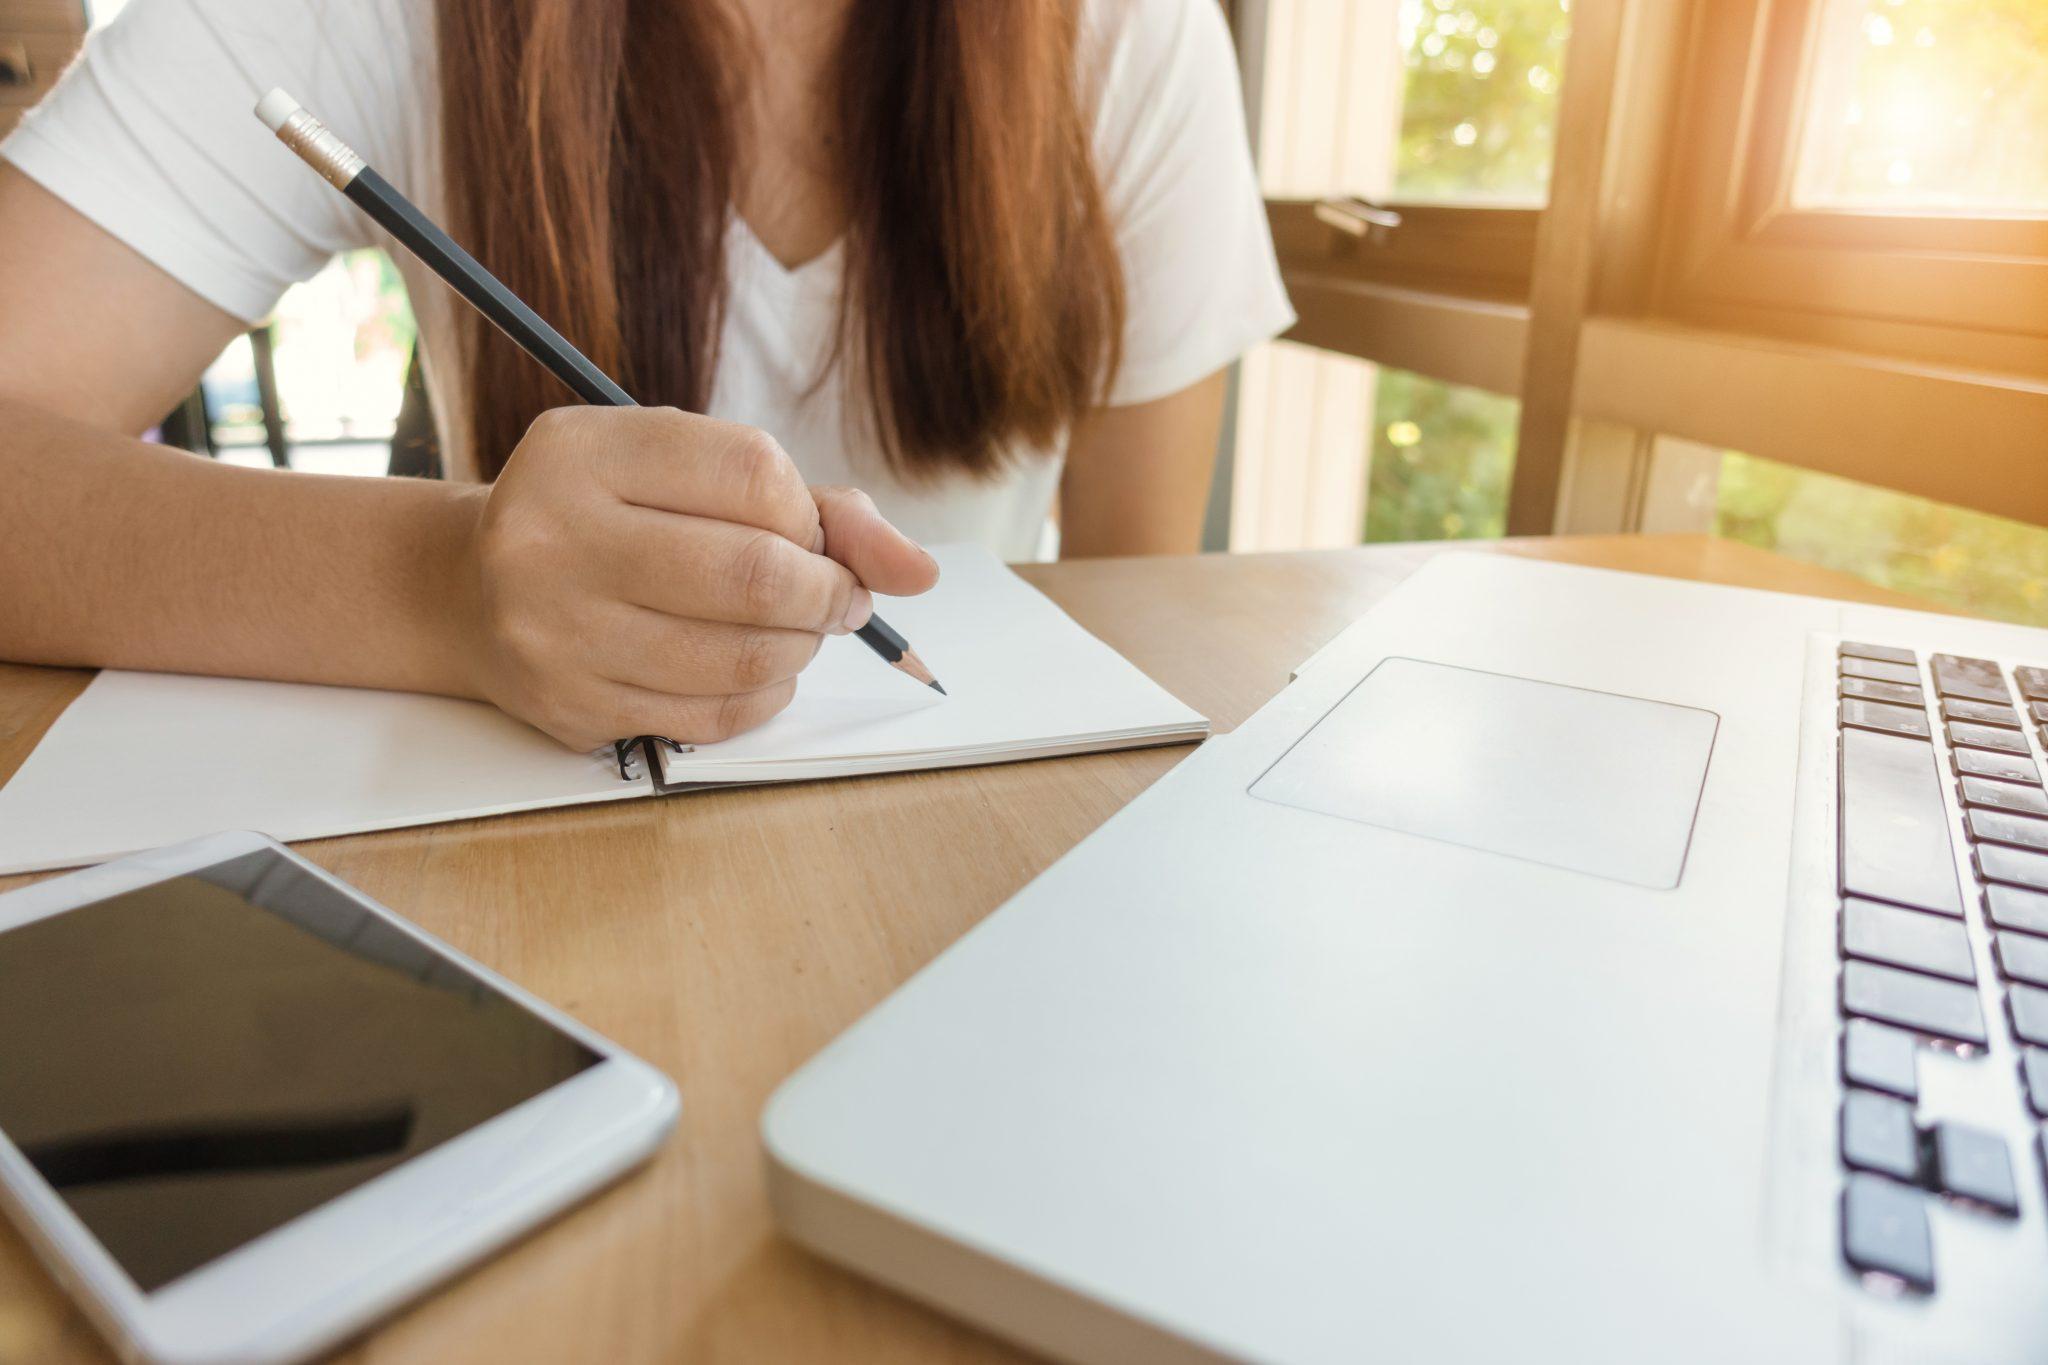 curso de prevención de riesgos laborales online homologado